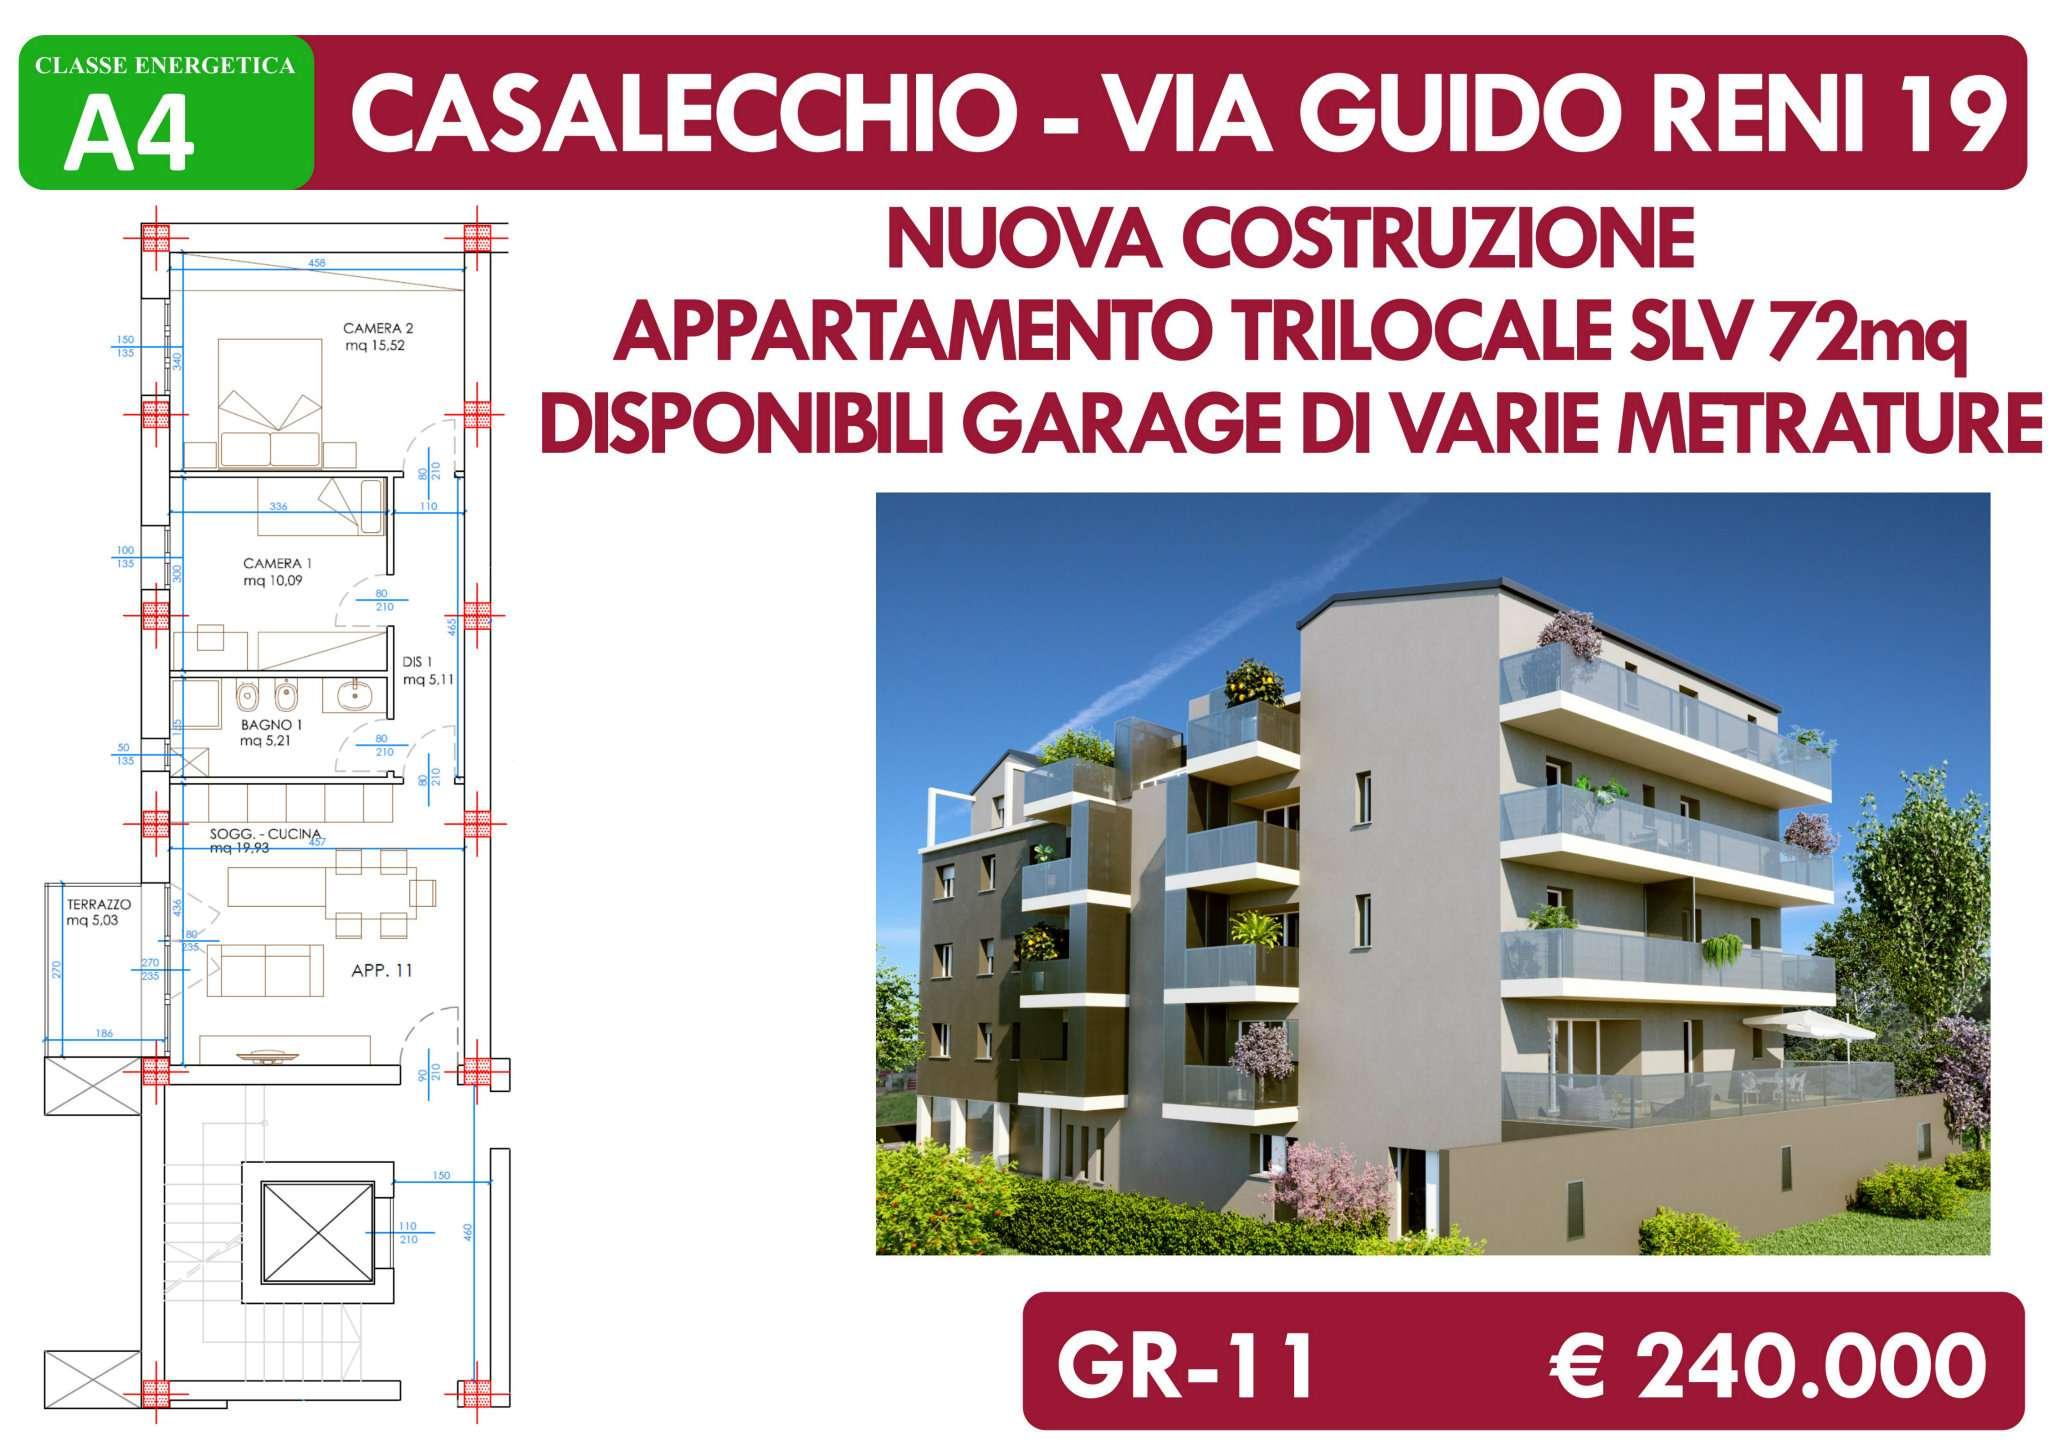 Appartamento in vendita a Casalecchio di Reno, 3 locali, prezzo € 240.000 | CambioCasa.it